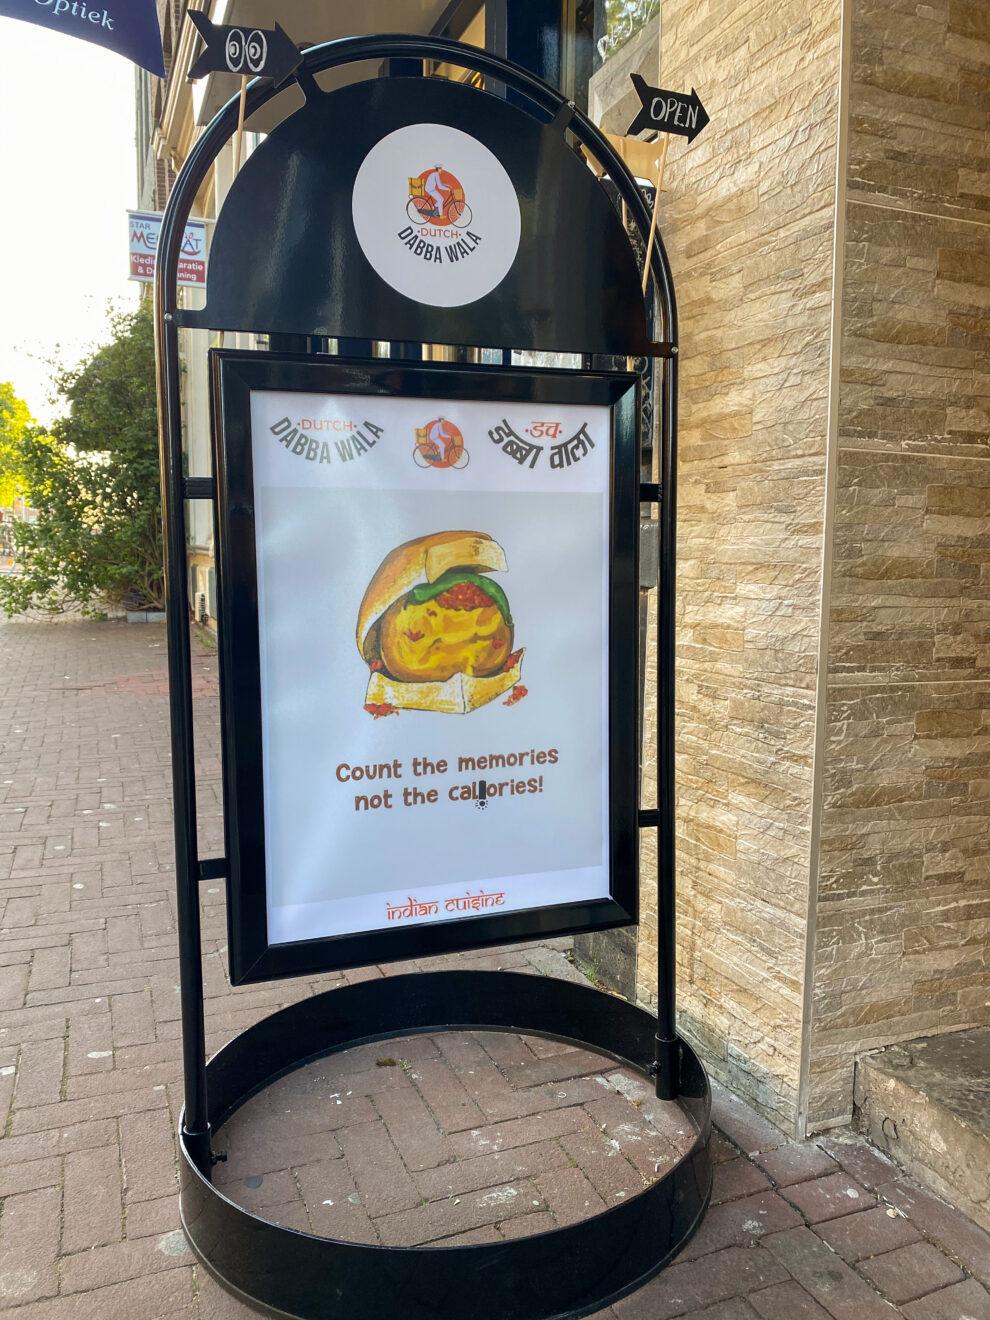 Dutch Dabba Wala: Indiaas eten in Amsterdam